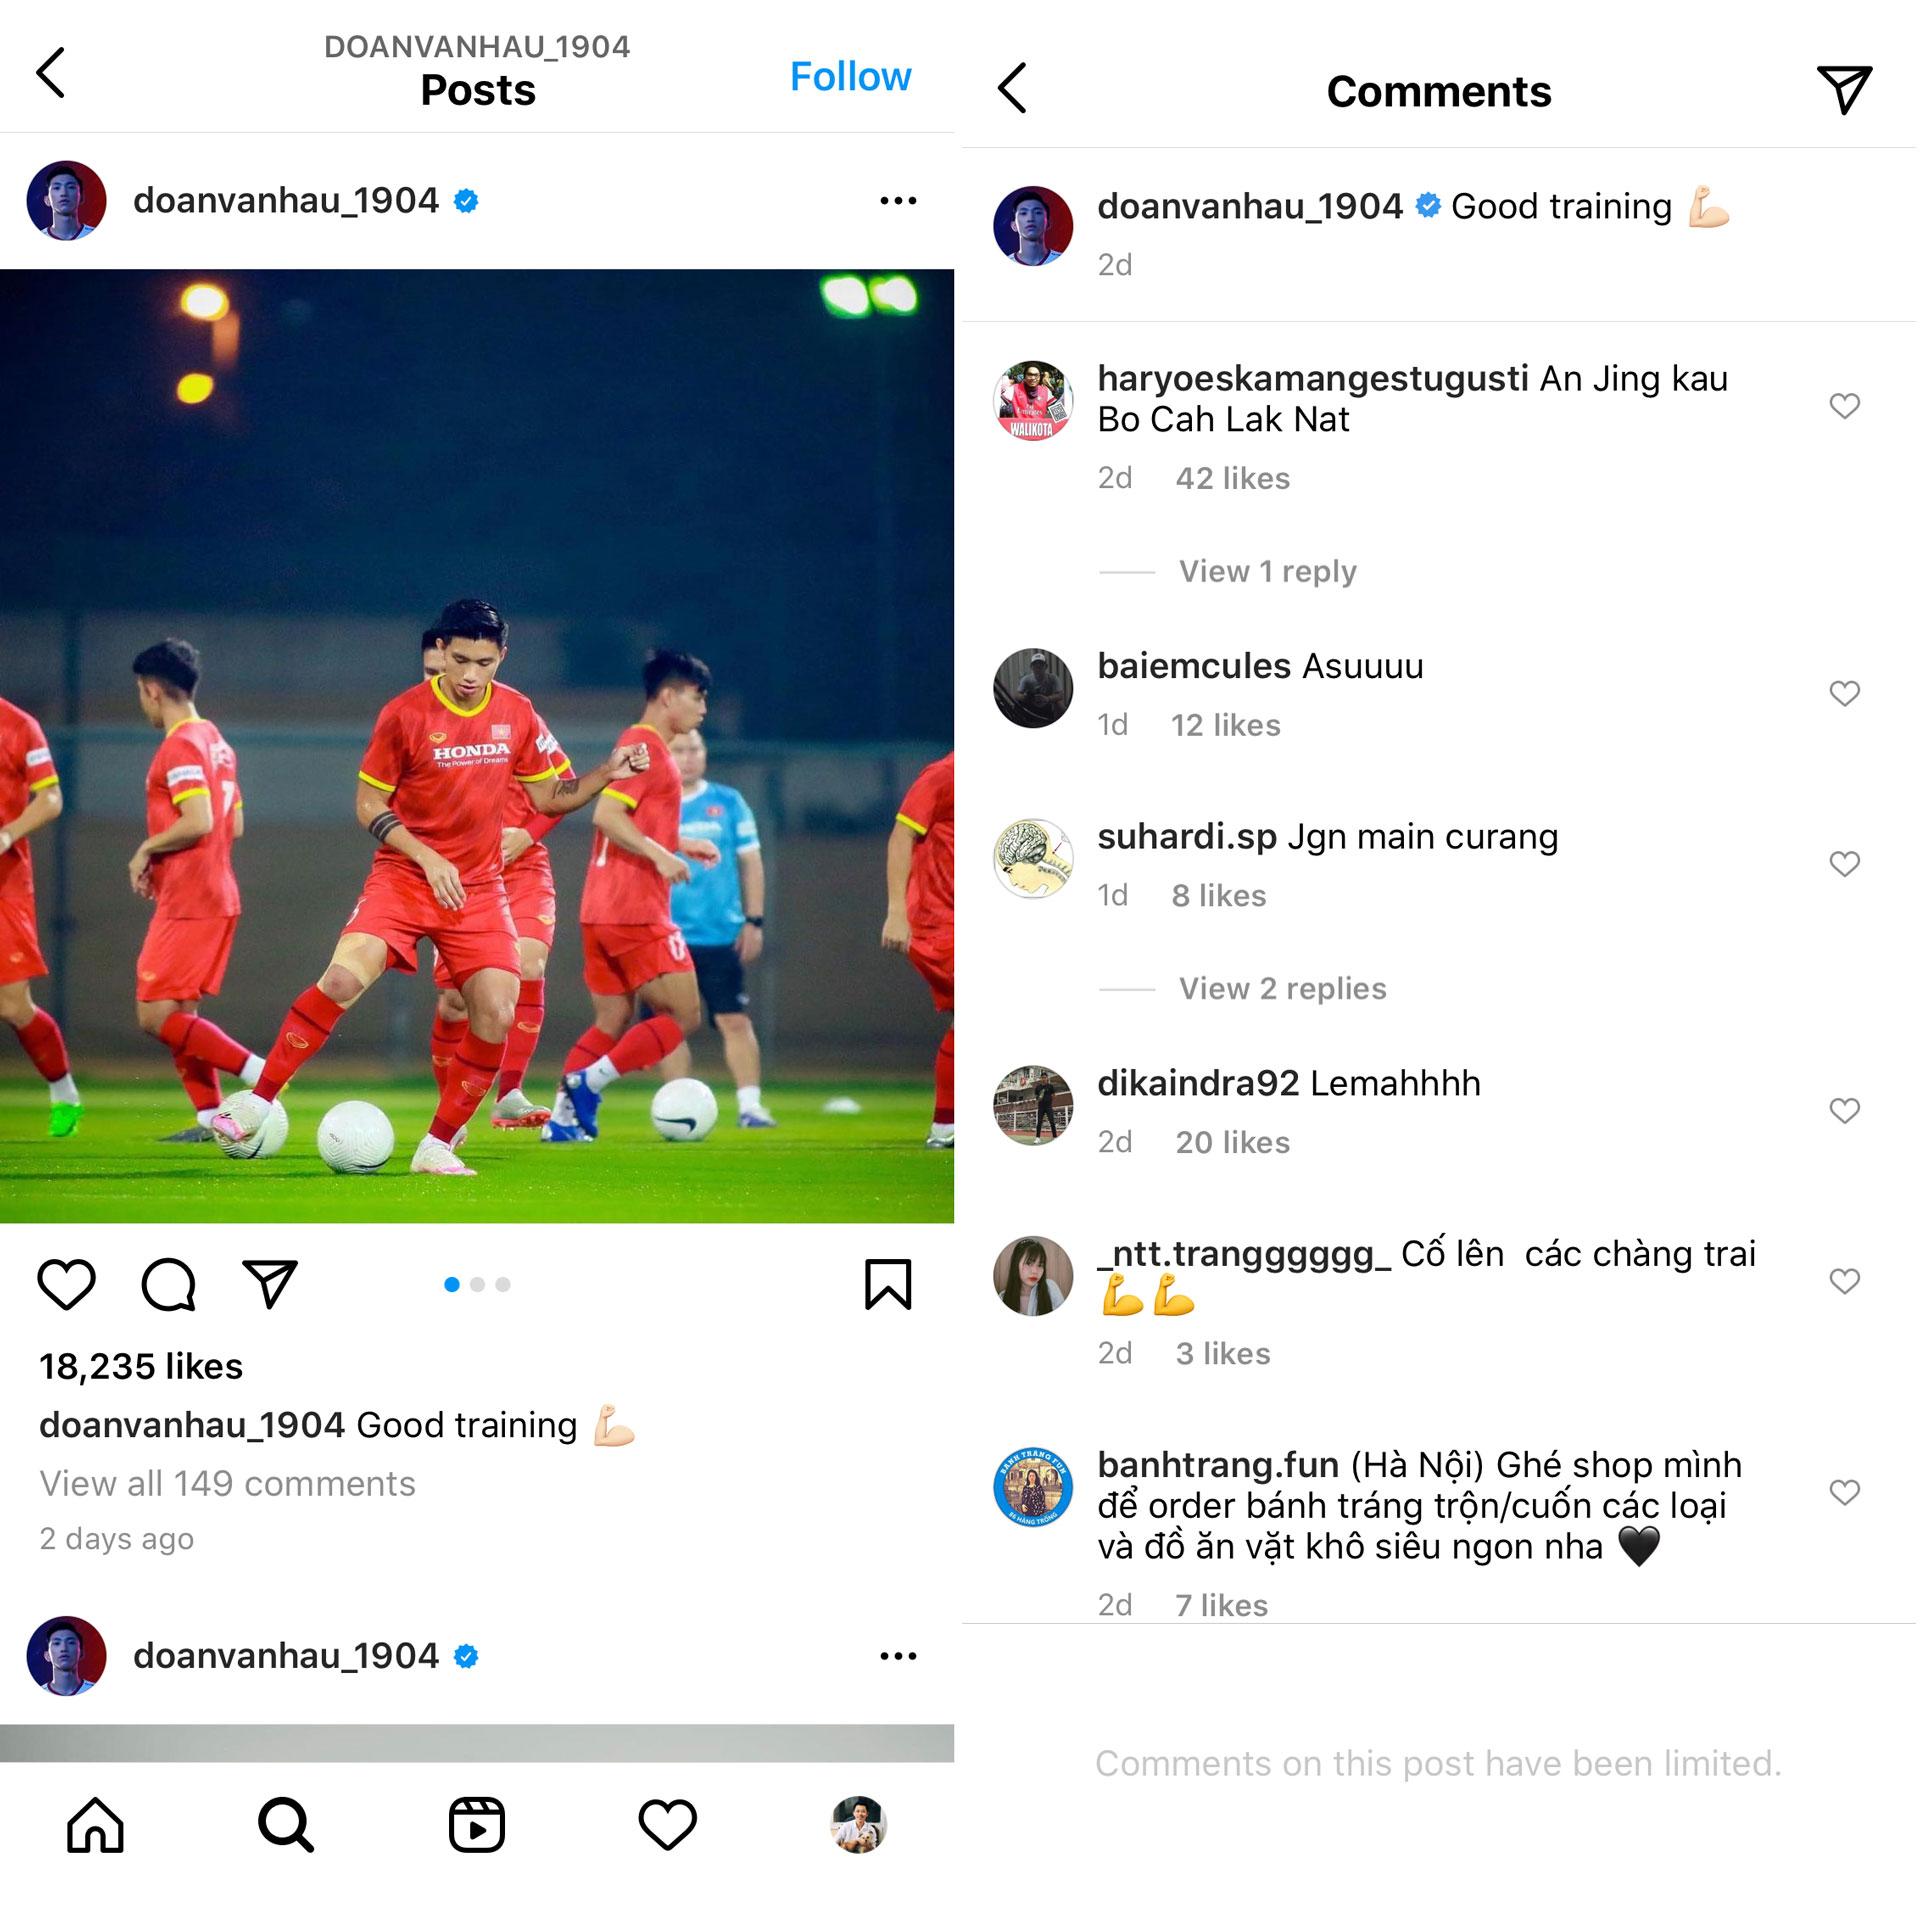 Cổ động viên Indonesia tràn vào Instagram cá nhân của Đoàn Văn Hậu để chỉ trích khiến tài khoản phải tạm đóng chức năng bình luận.